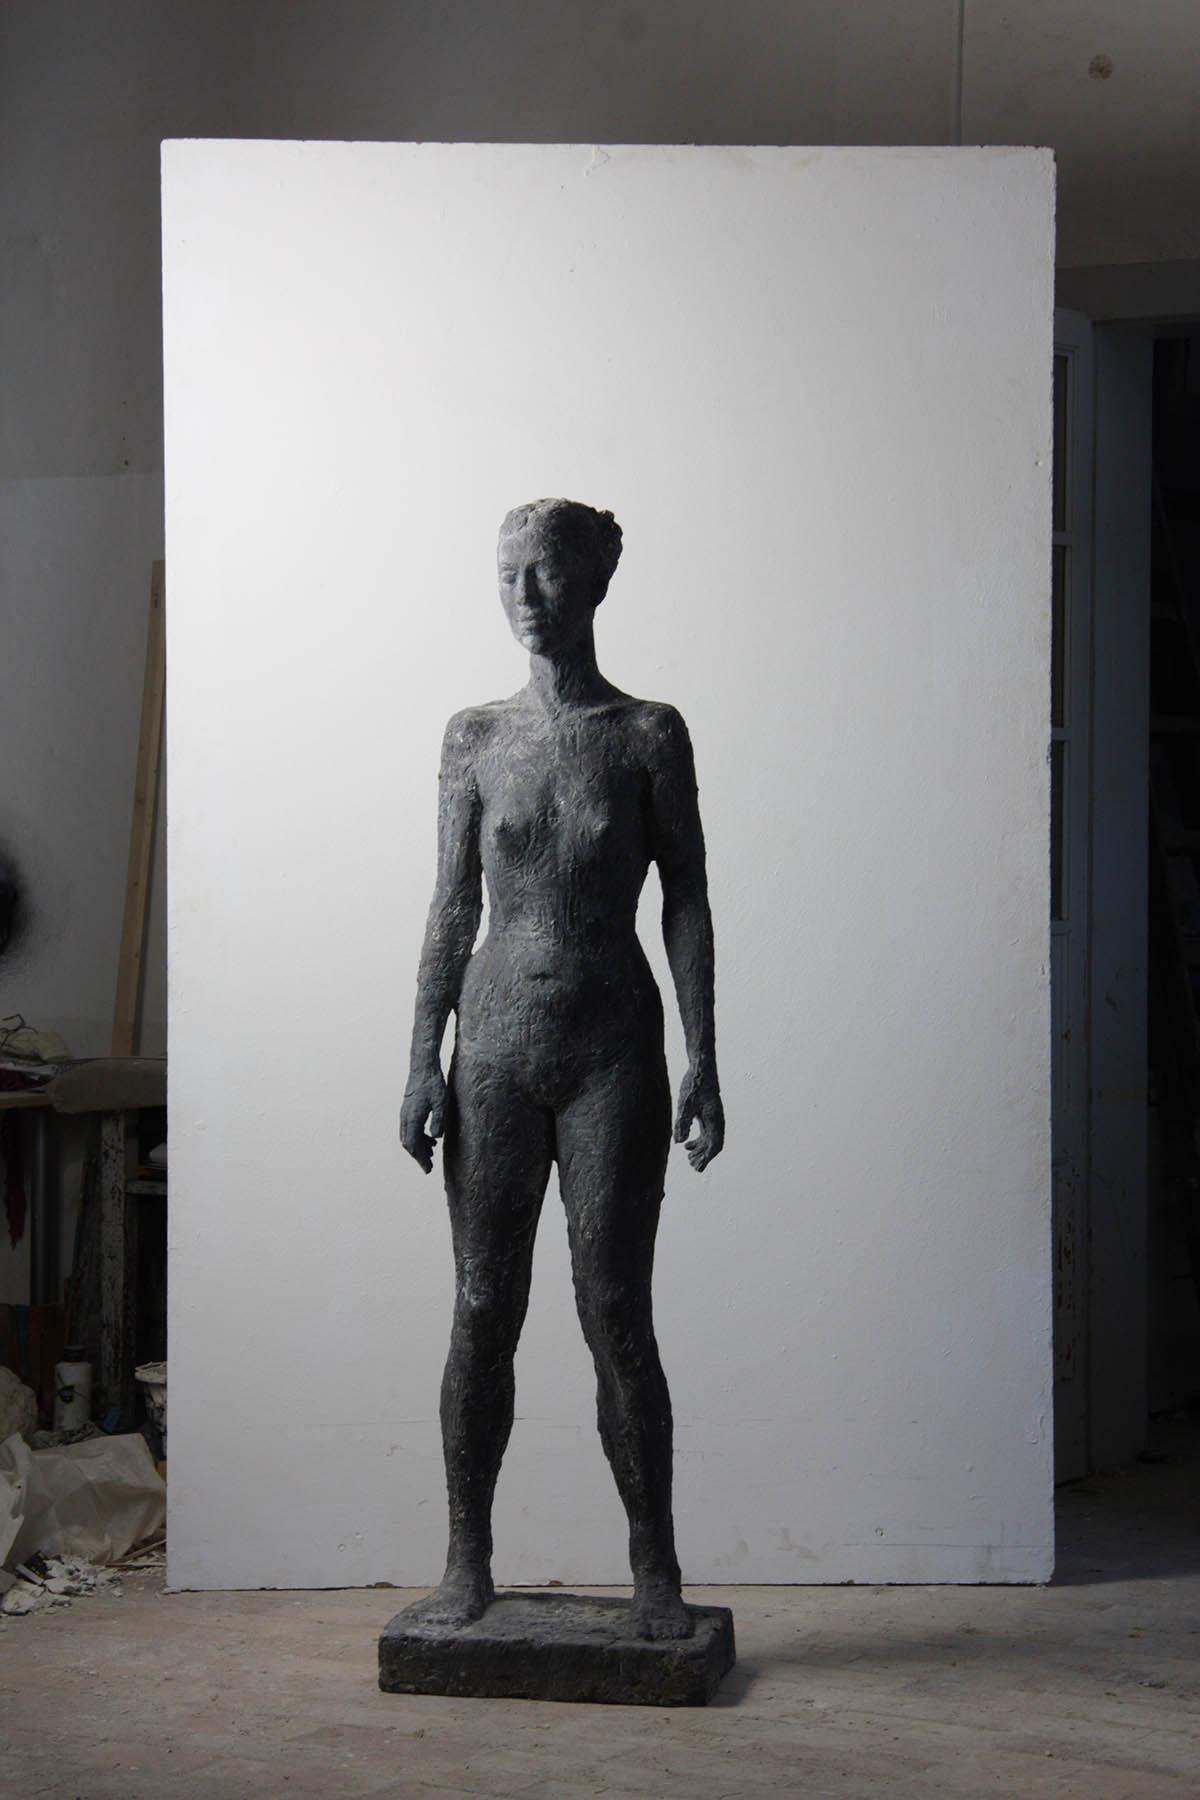 Camilla, 185cm, concrete, 2010